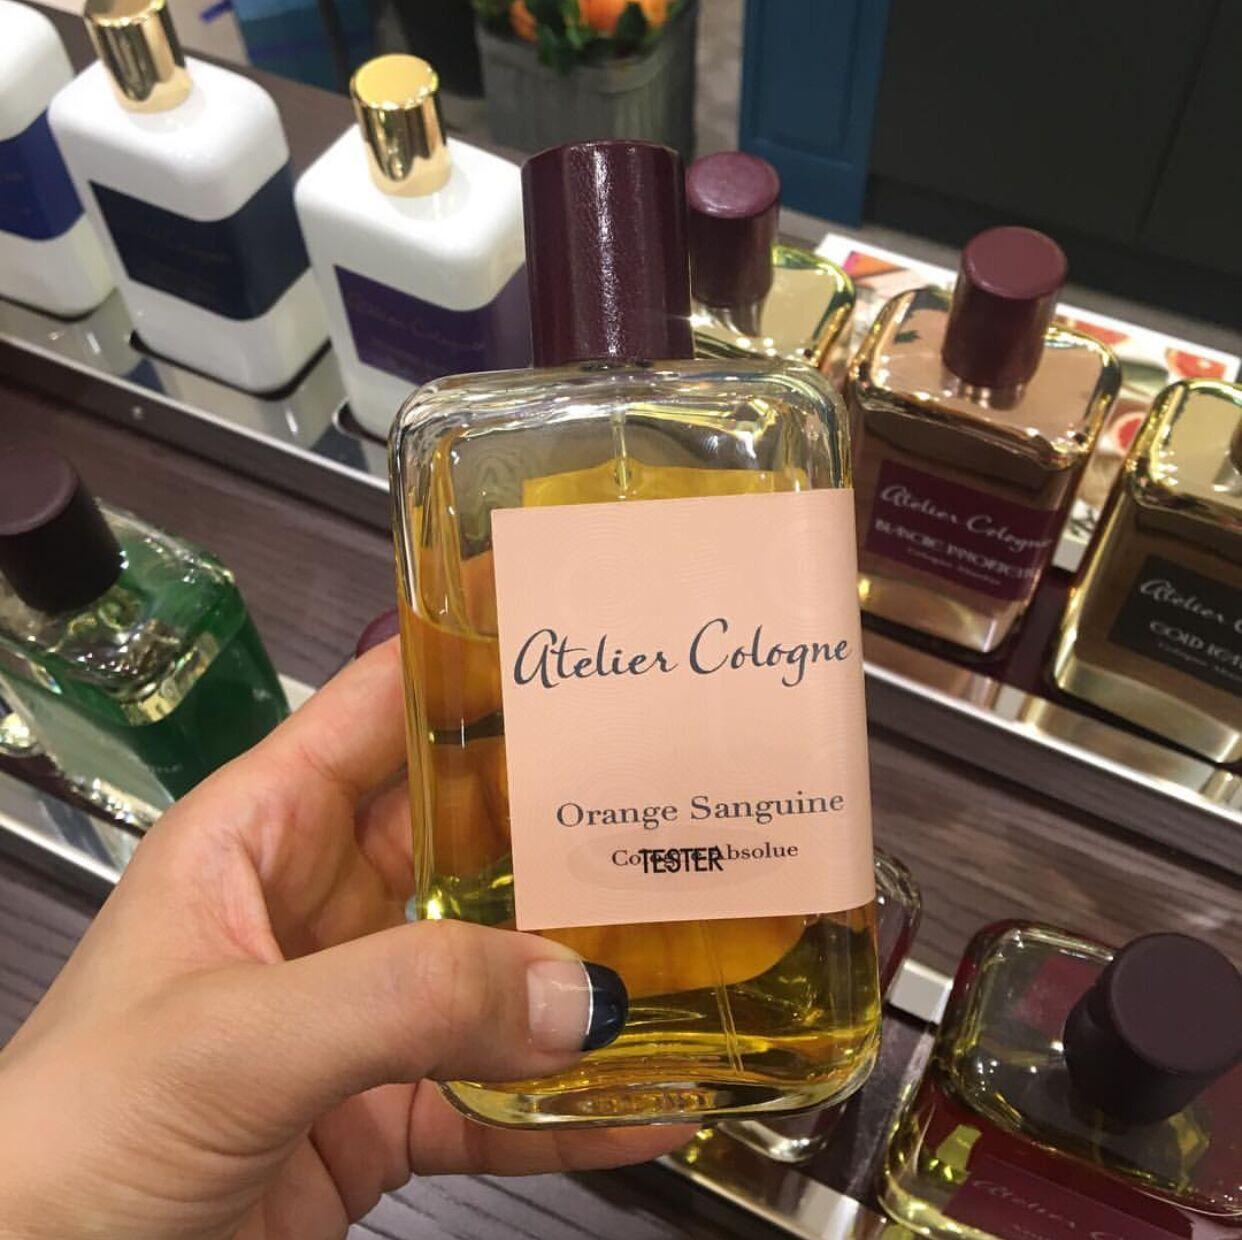 欧珑 茉雨心柠无极乌龙赤霞橘光西柚天堂加州盛夏 古龙淡香水